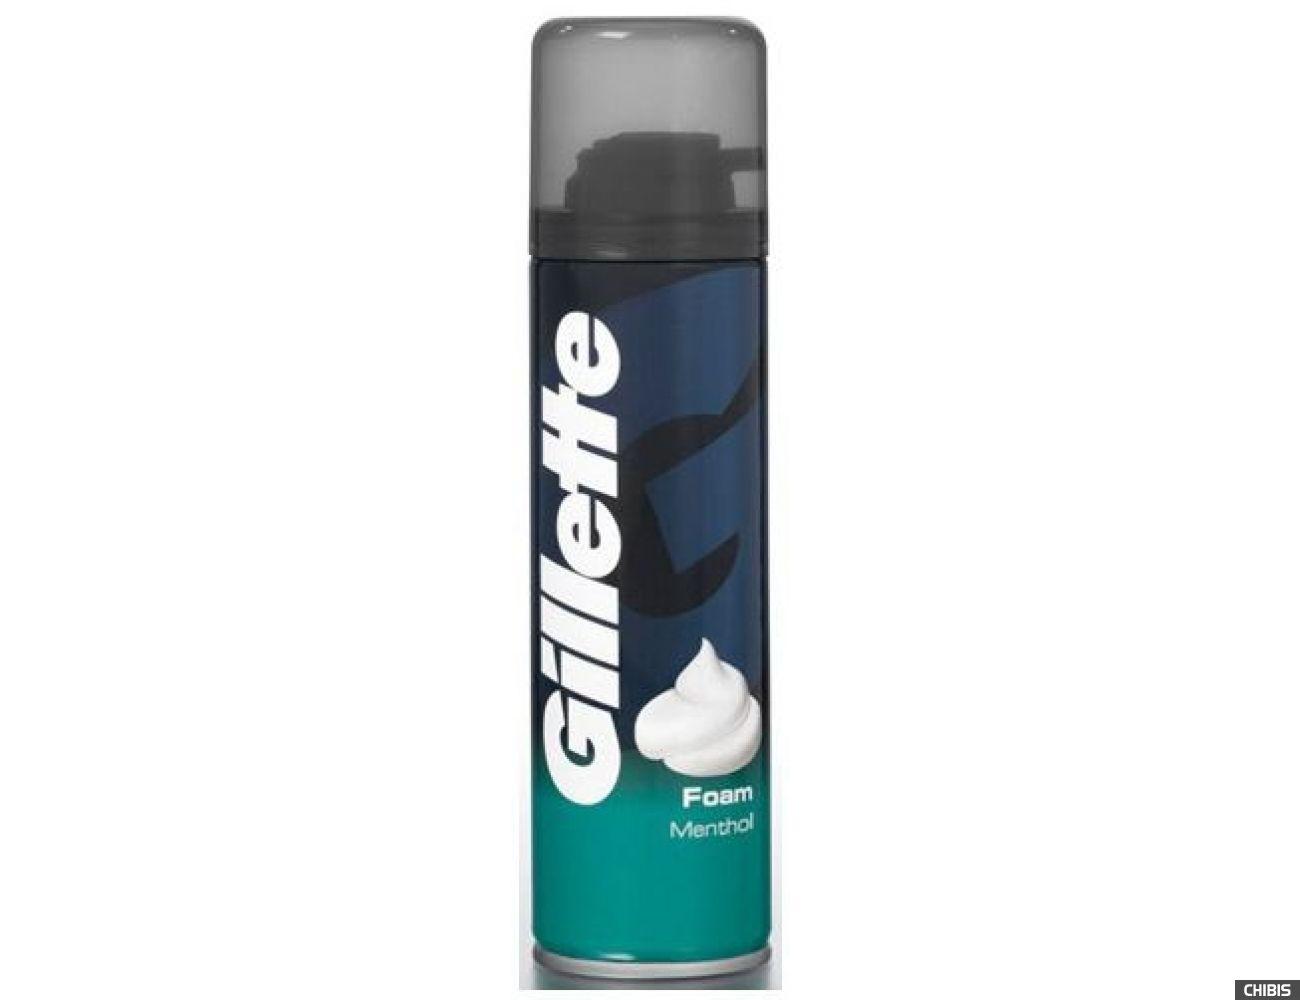 Gillette пена для бритья Menthol 200 мл. (3014260228866/84857319)